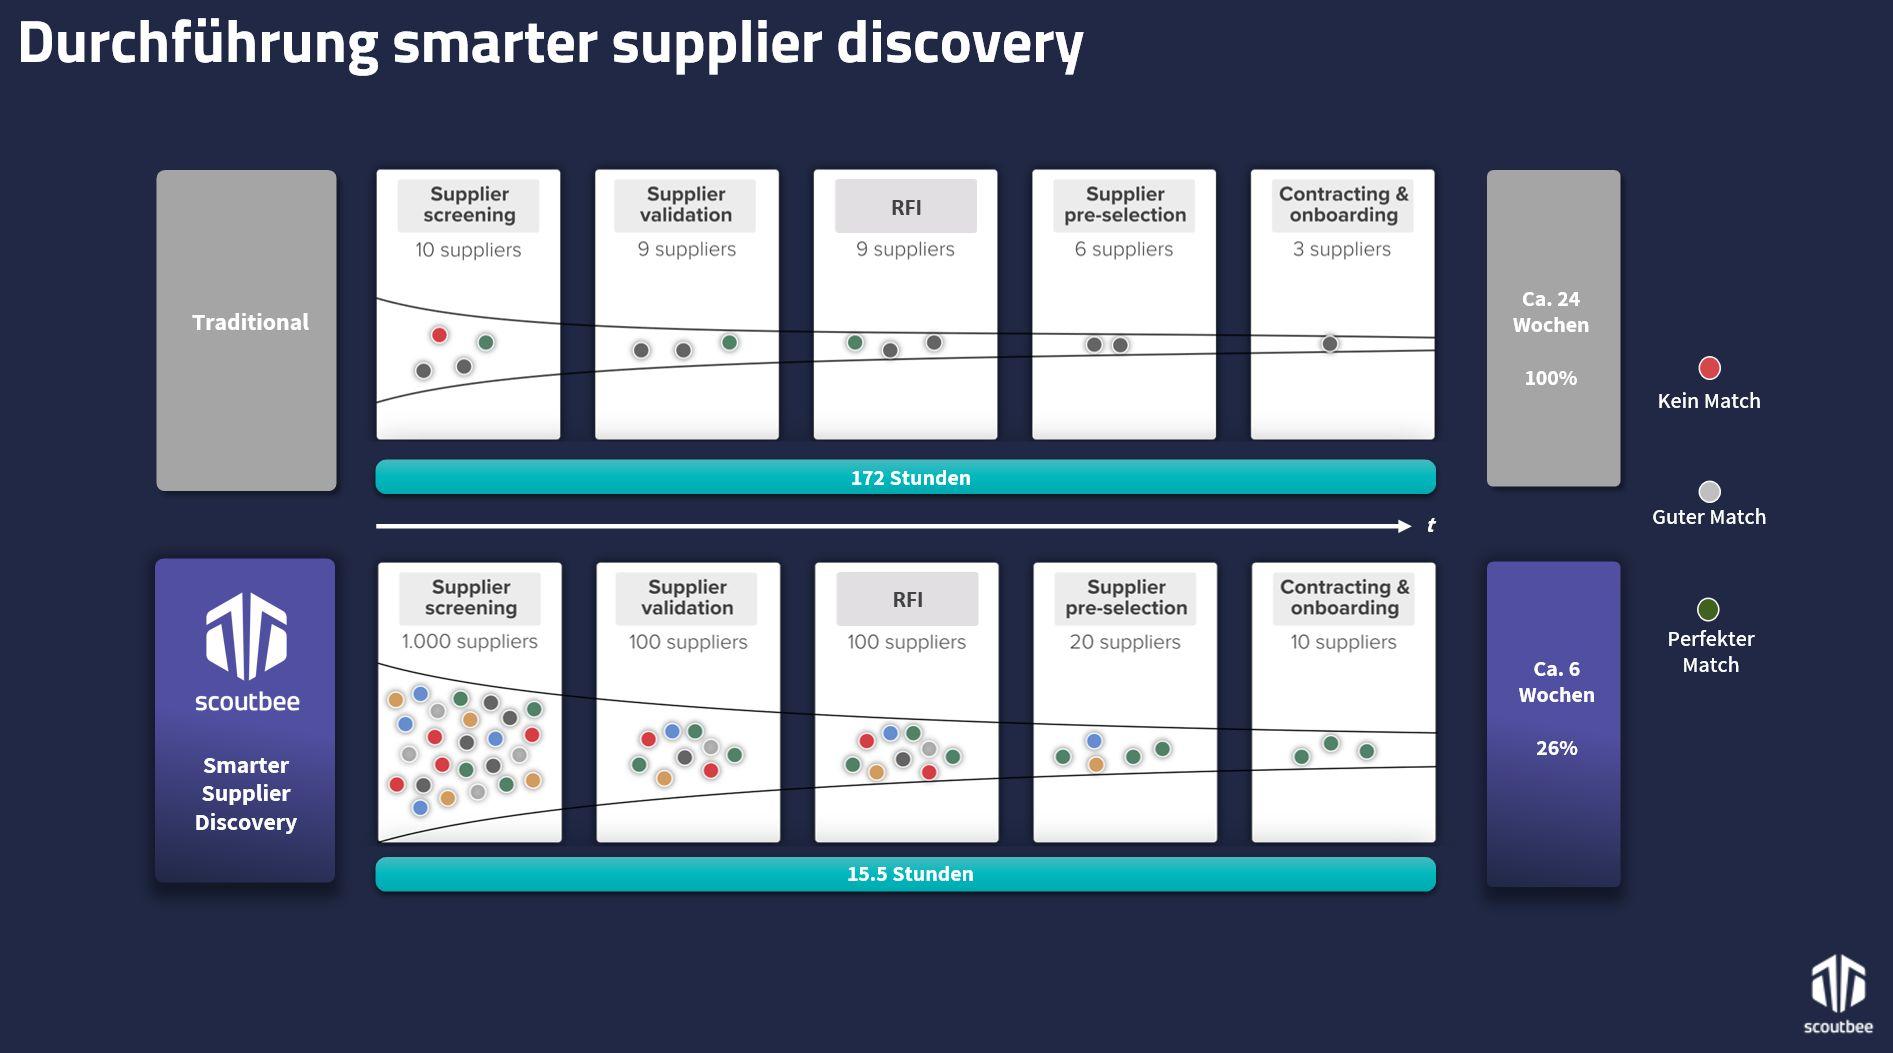 Durchführung smarter supplier discovery